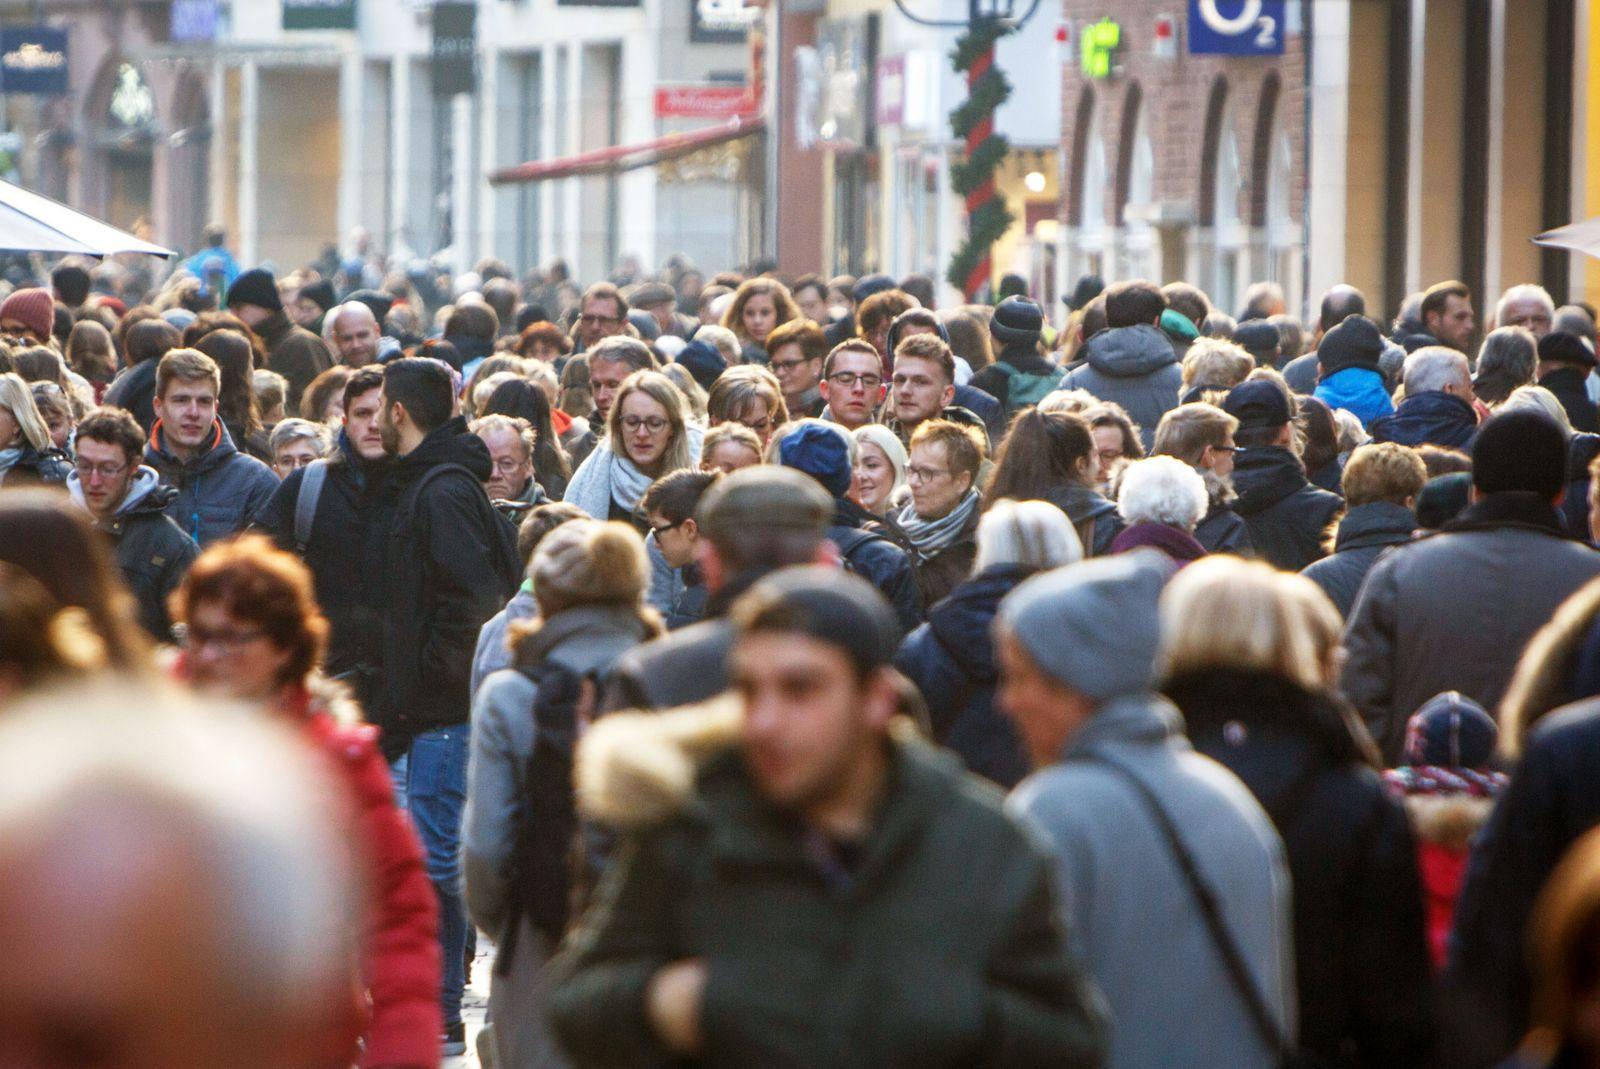 DEU Deutschland Nordrhein Westfalen M¸nster 26 11 2016 Am Samstag vor dem Ersten Advent sind i